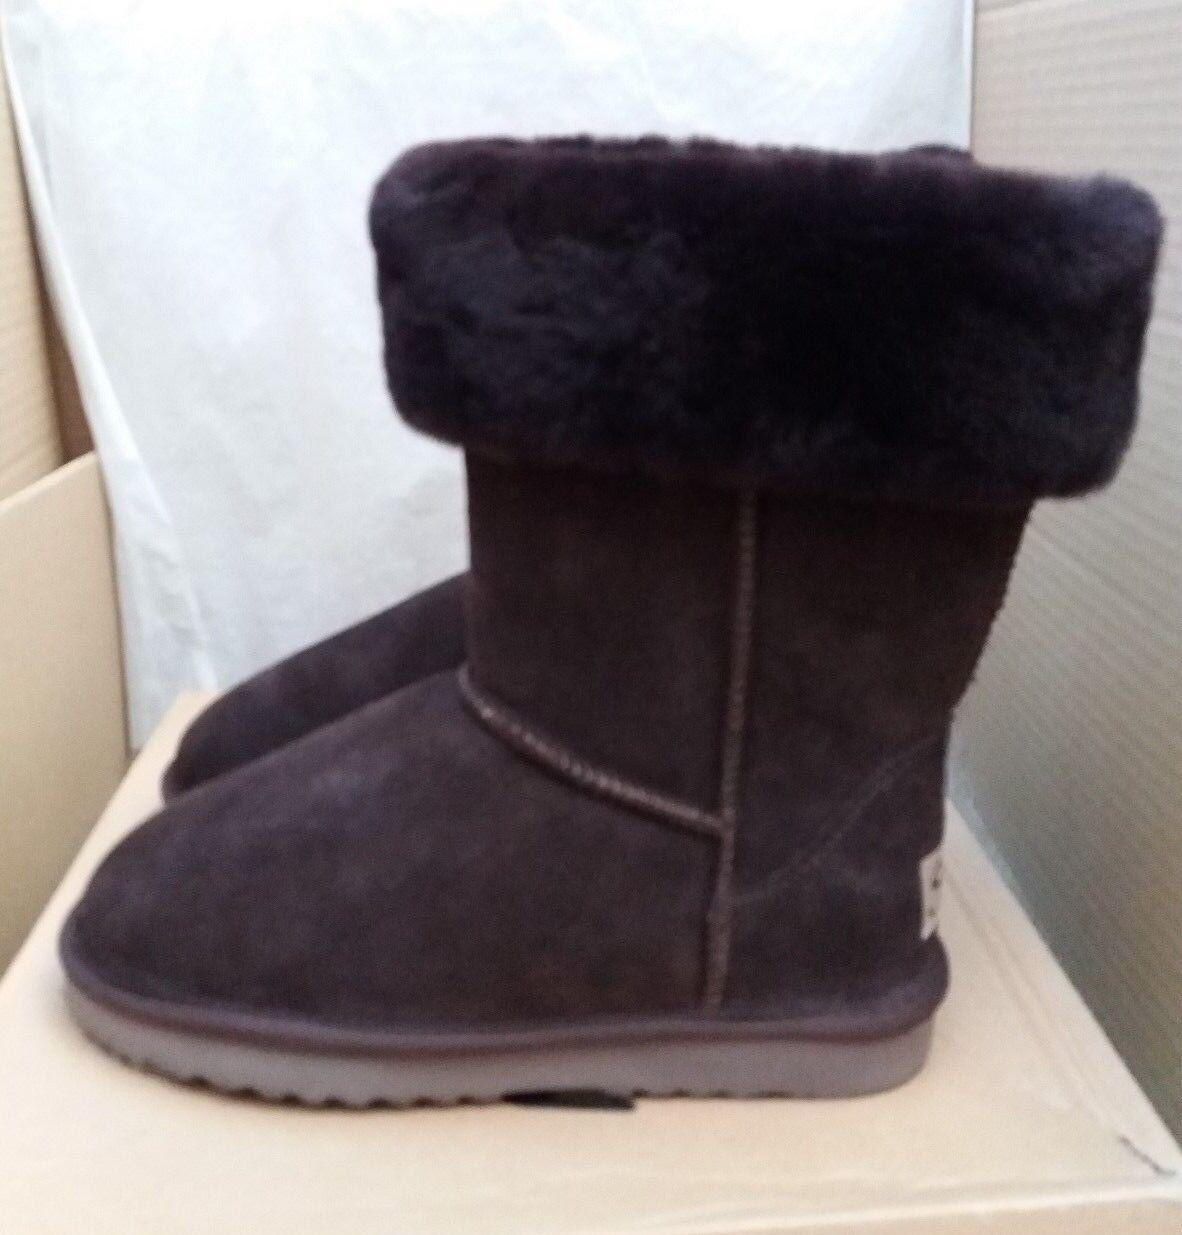 Snow Paw 5826COFL Suede & Sheepskin Winter Collar Stiefel -Coffee -Größe UK 5 EU 38    | Für Ihre Wahl